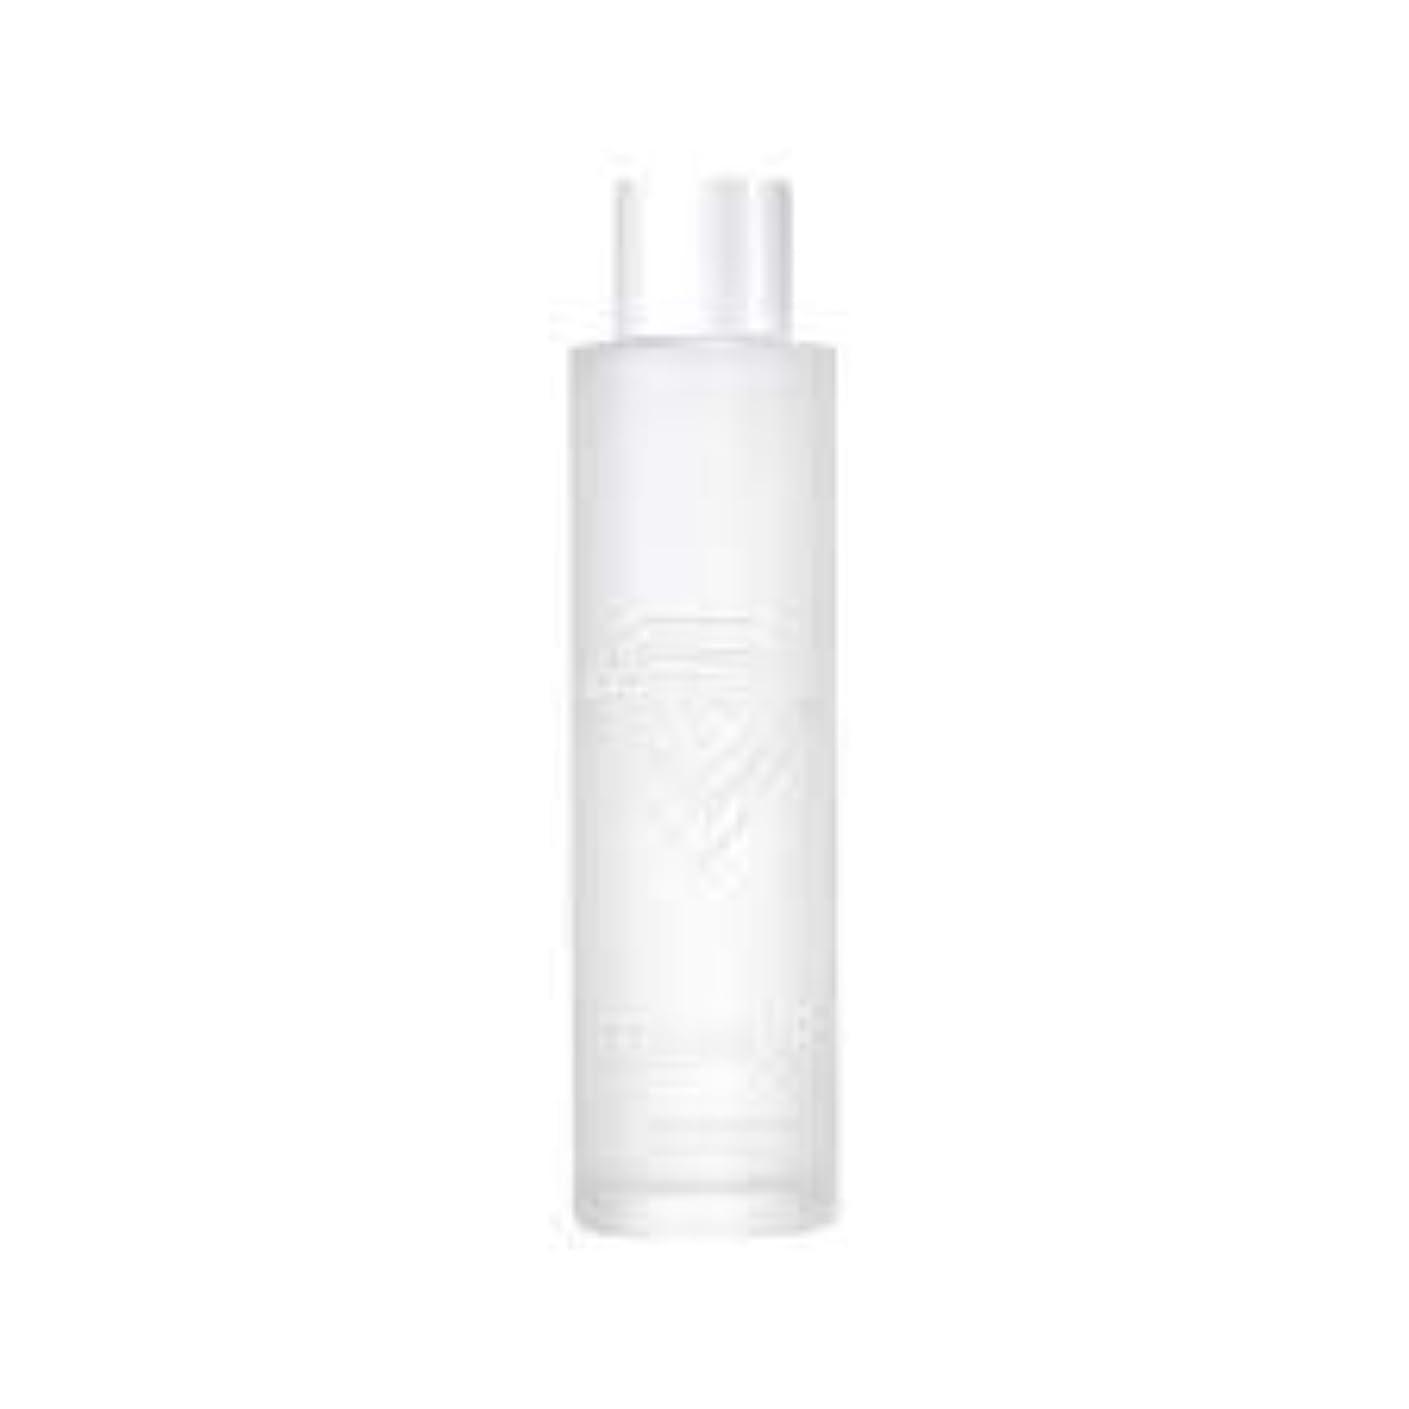 CREMORLAB ブラン?デ? cremor 光沢トナー 150ml-皮膚のすべての層の色素沈着の問題を改善するのに役立ち、乾燥とくすみを取り除きます